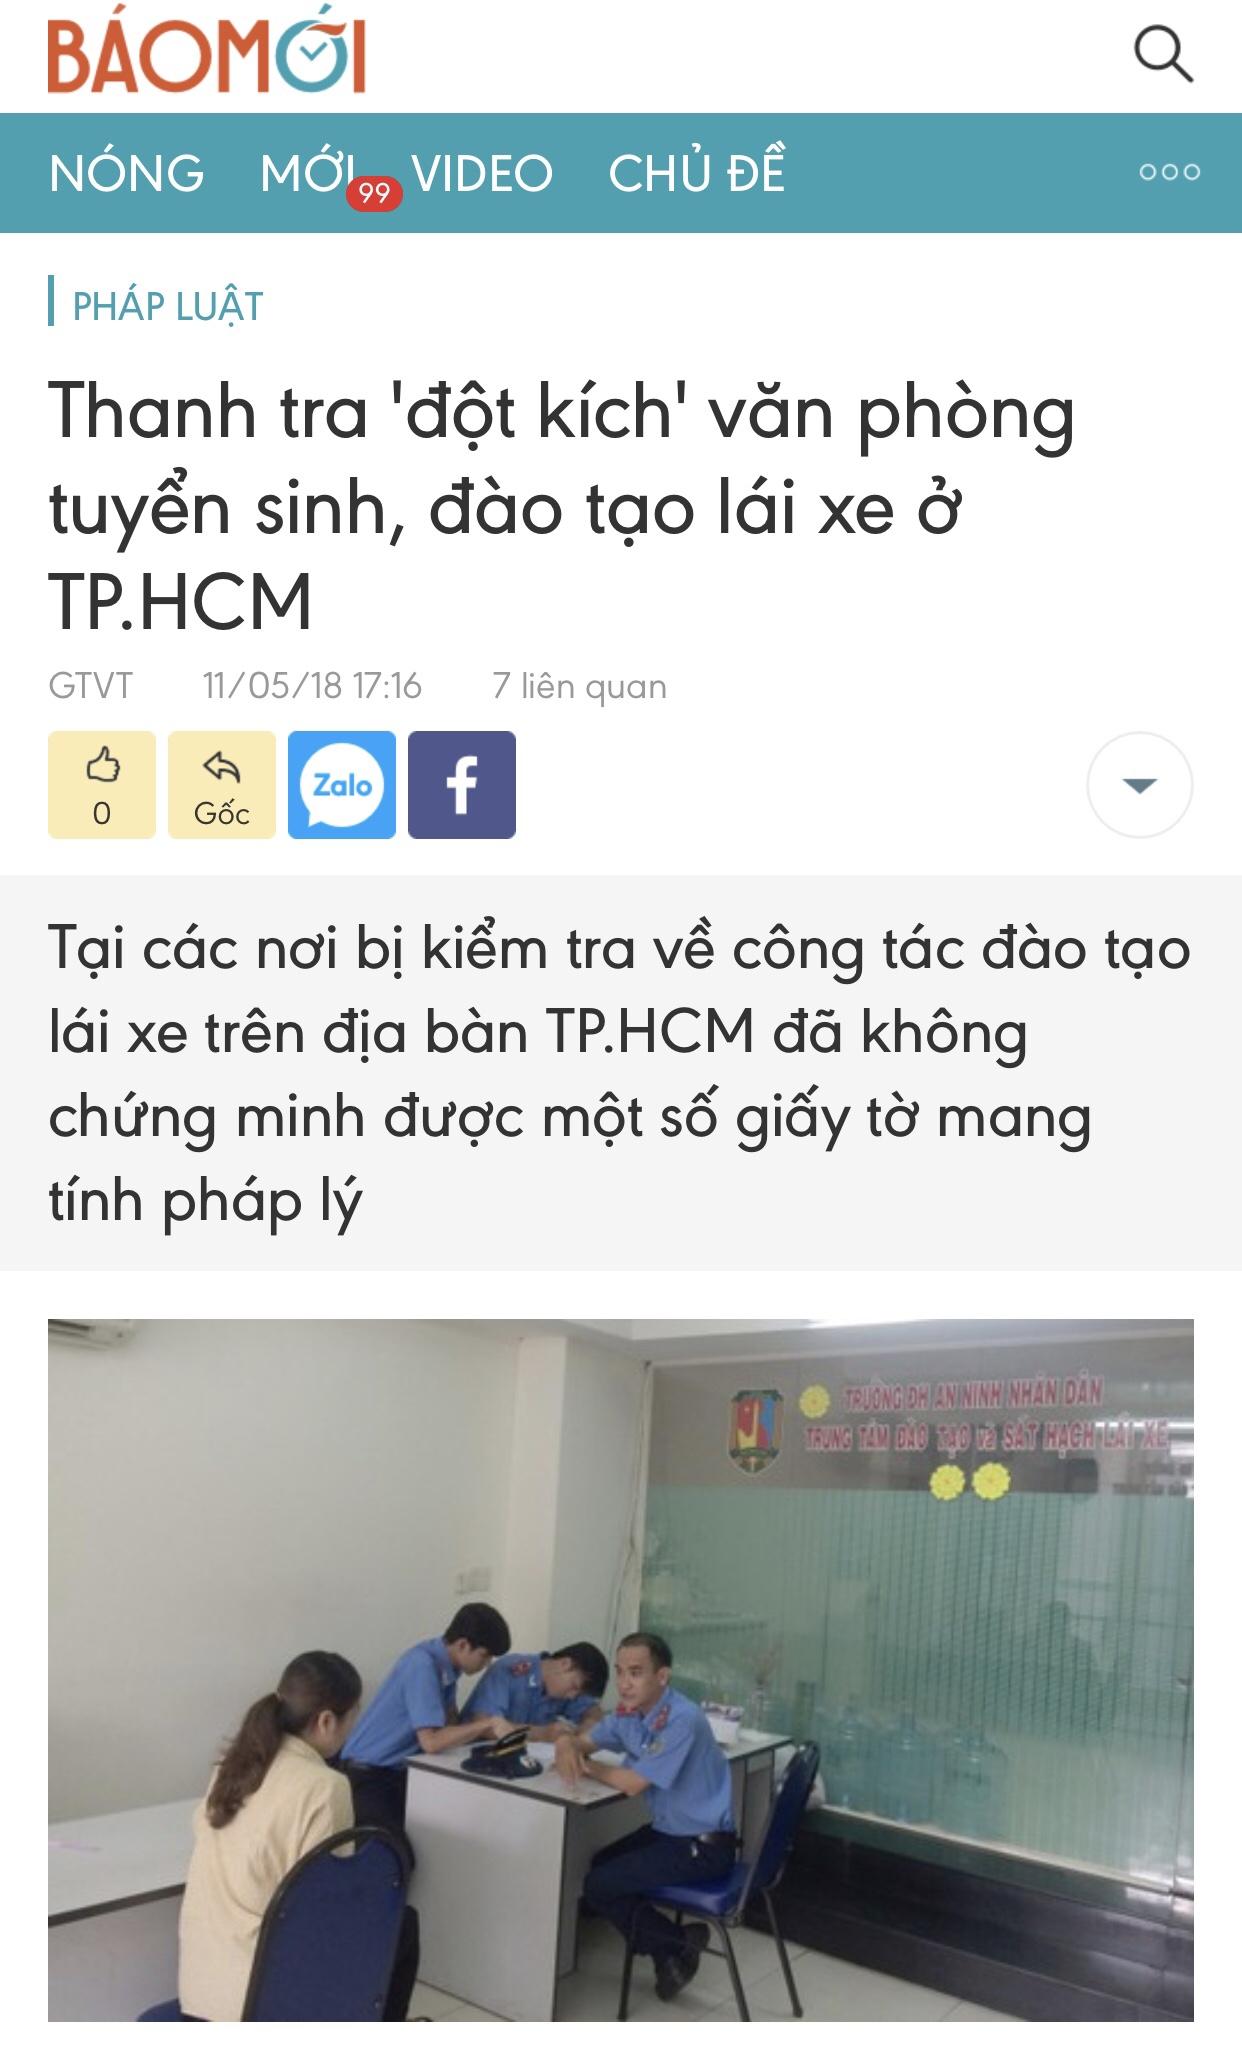 van_phong_hoc_lai_xe_lua_dao_tai_tphcm